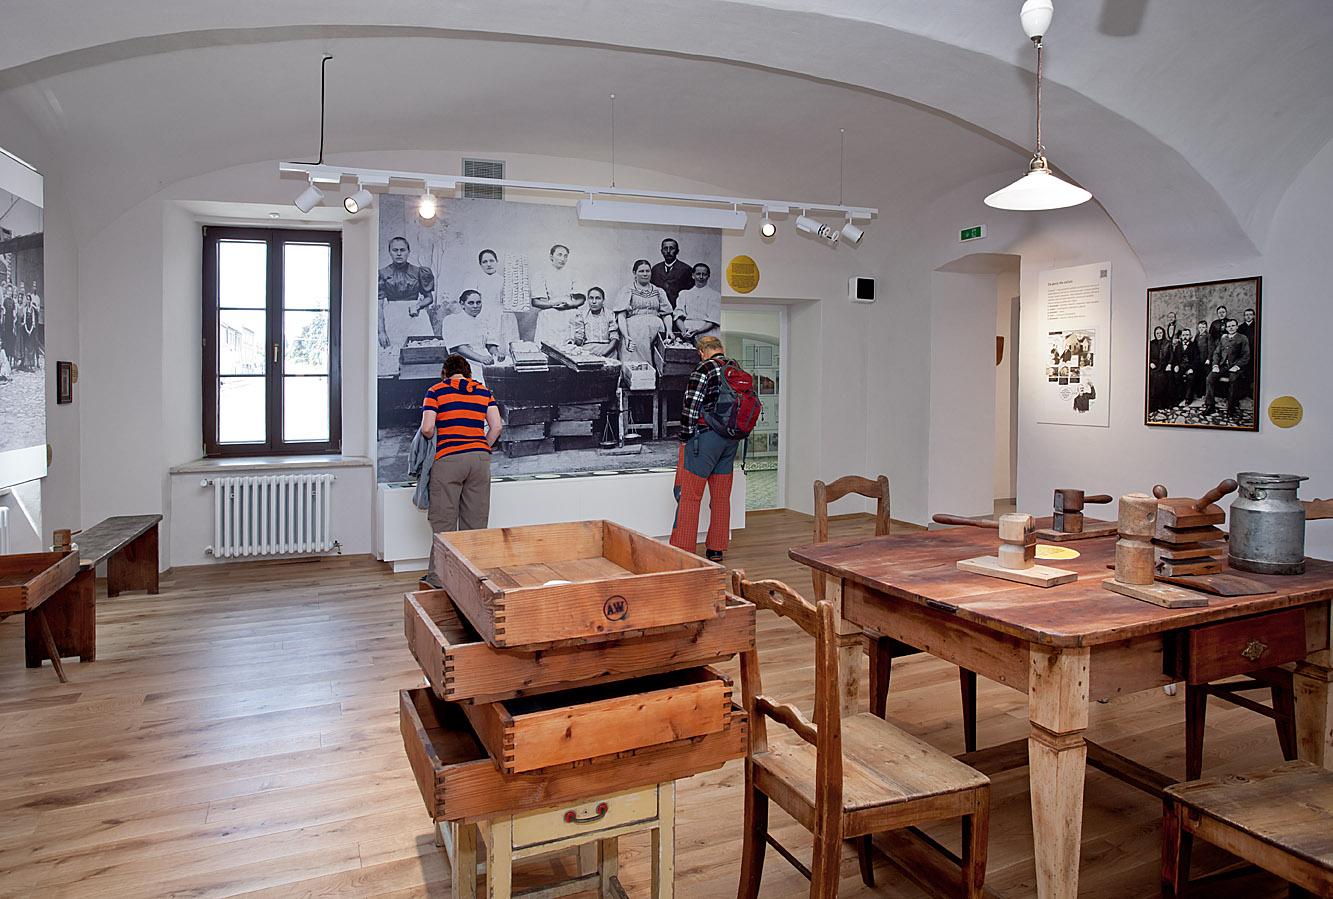 Muzeum Olomouc